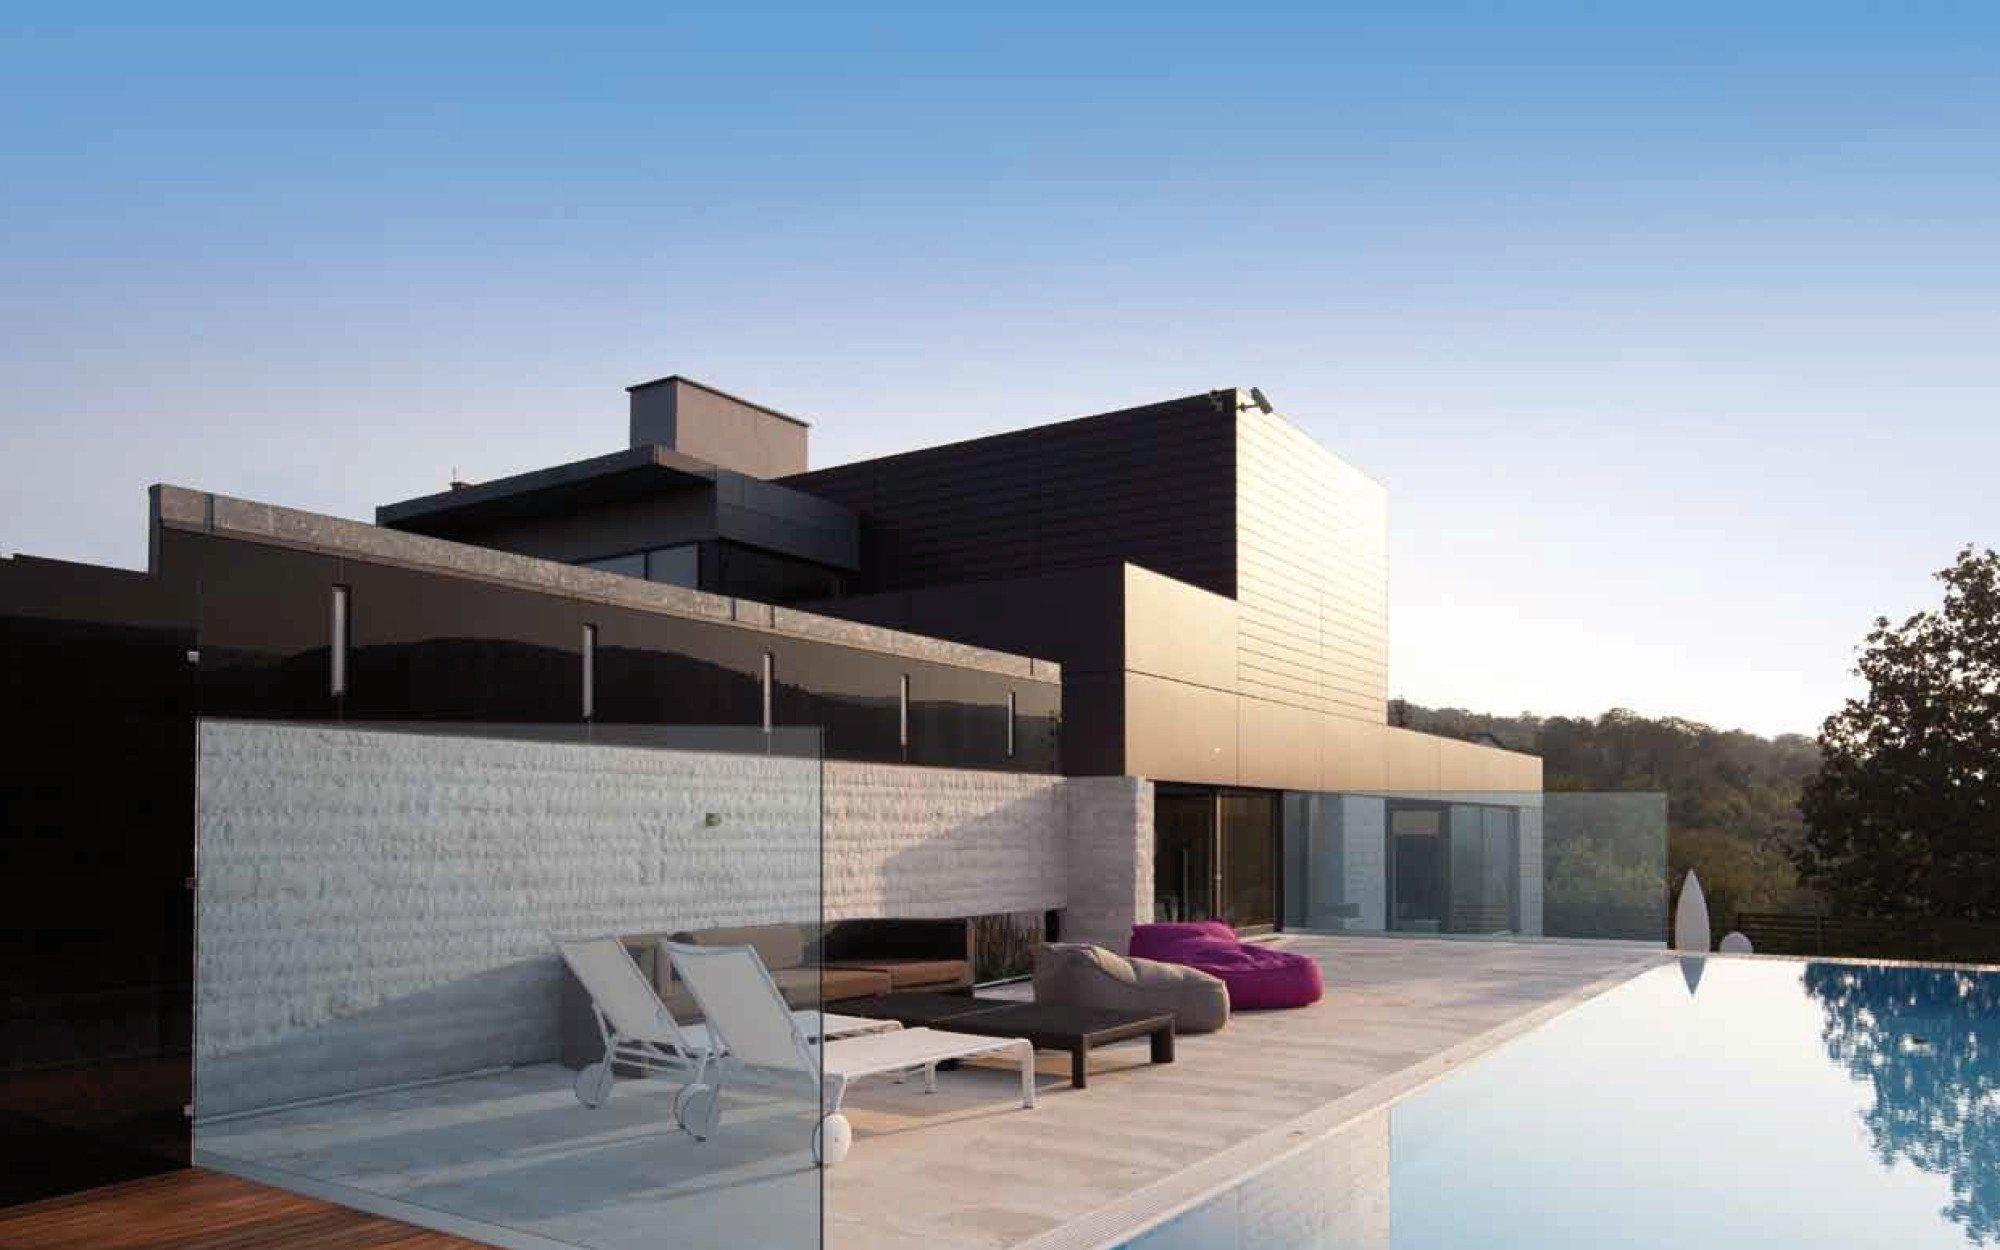 Sichtschutz aus glasbausteinen alle ideen ber home design for Kurs innendekoration